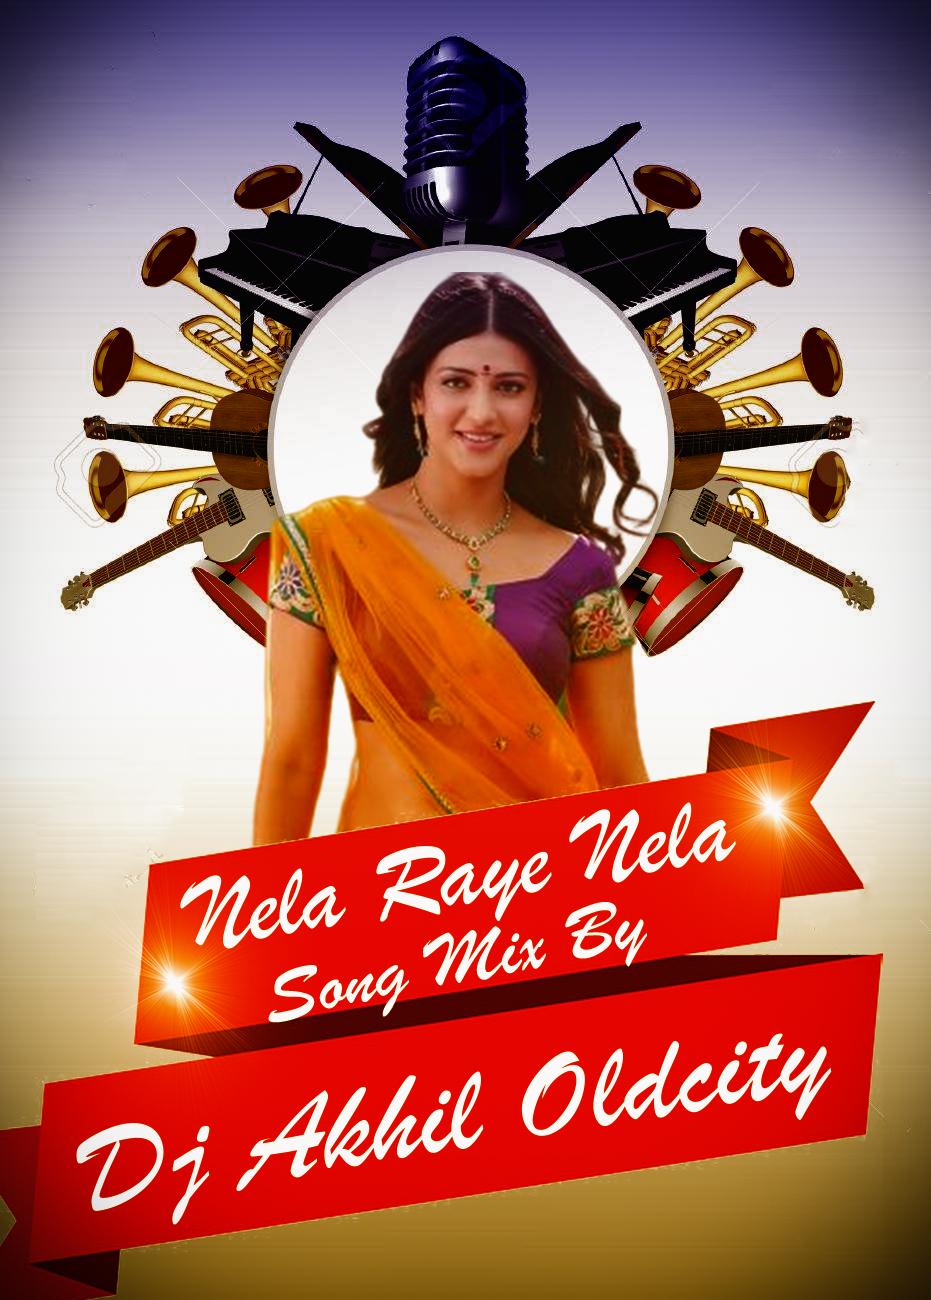 Nela Raye Nela (Theenmar Kacha Mix) By Dj Akhil Oldcity(www.newdjsworld.in)